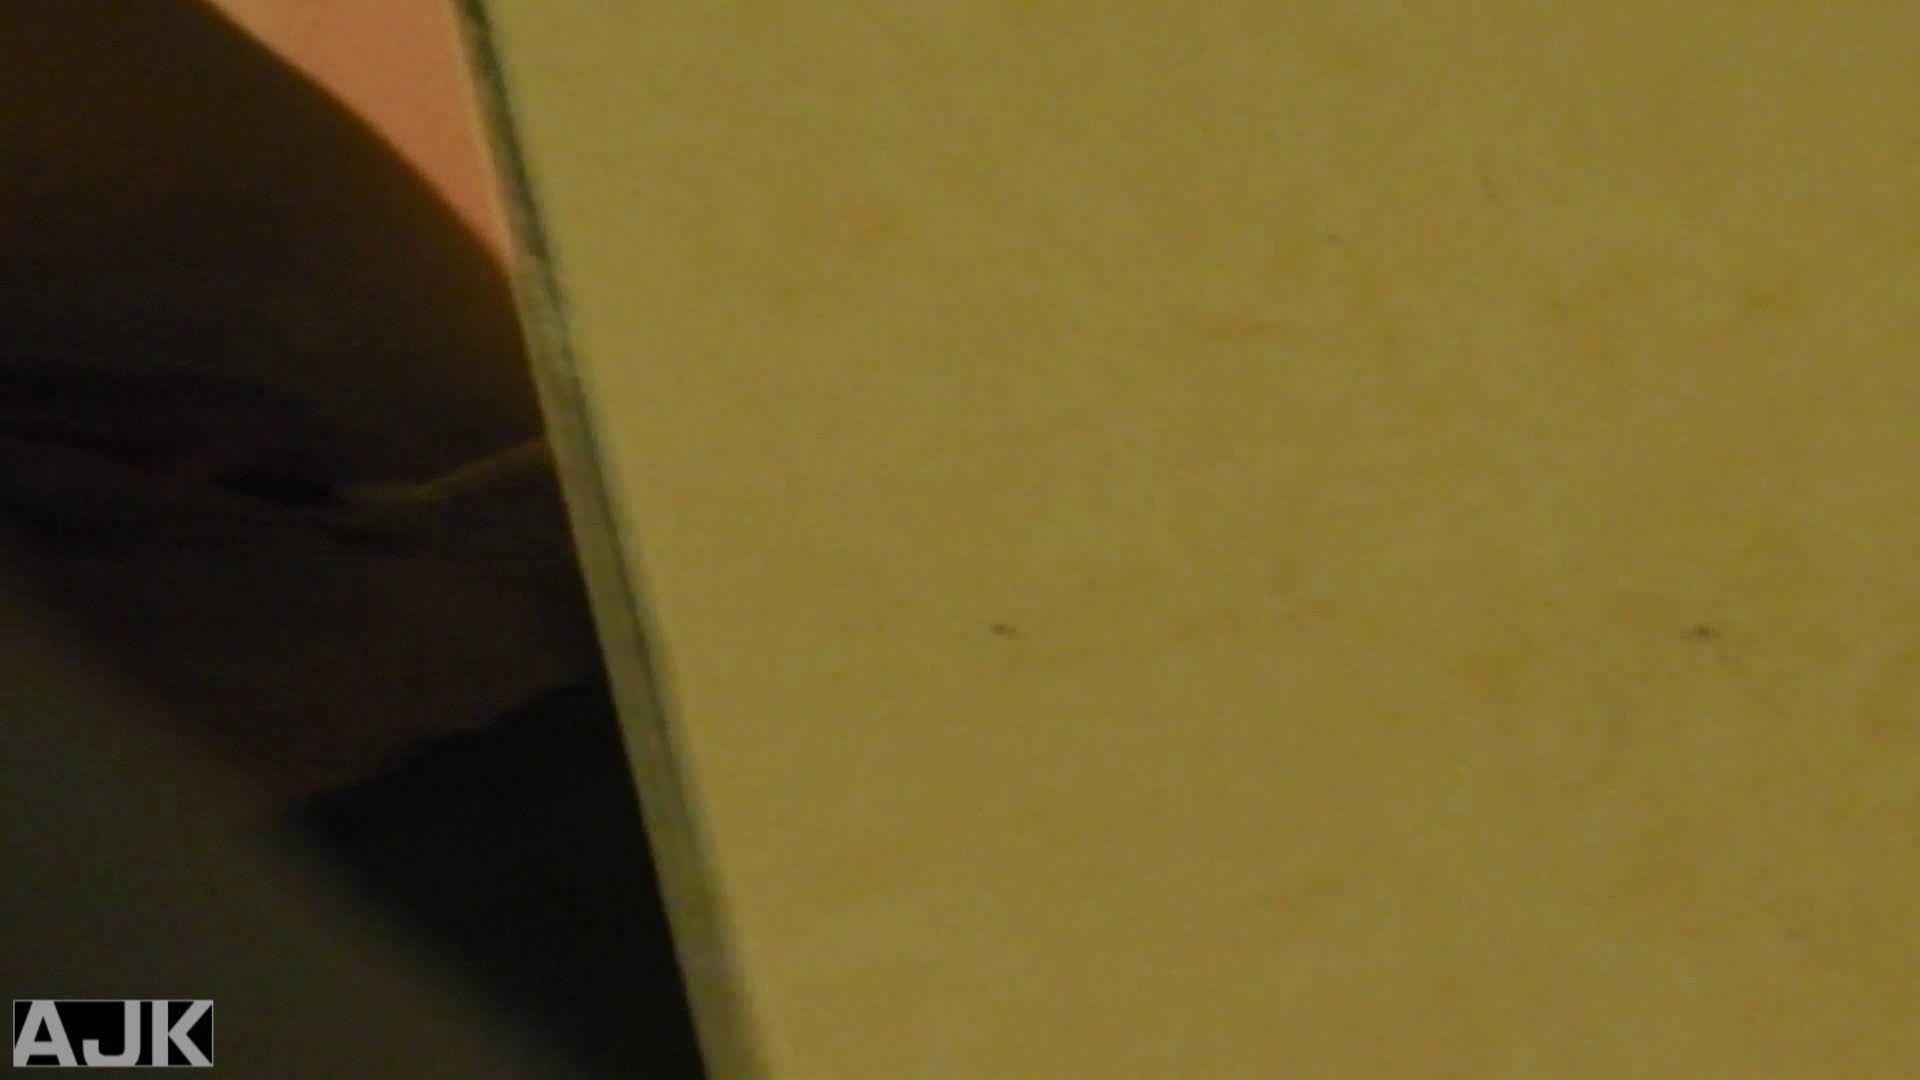 隣国上階級エリアの令嬢たちが集うデパートお手洗い Vol.09 お手洗い   OLのボディ  62PIX 47